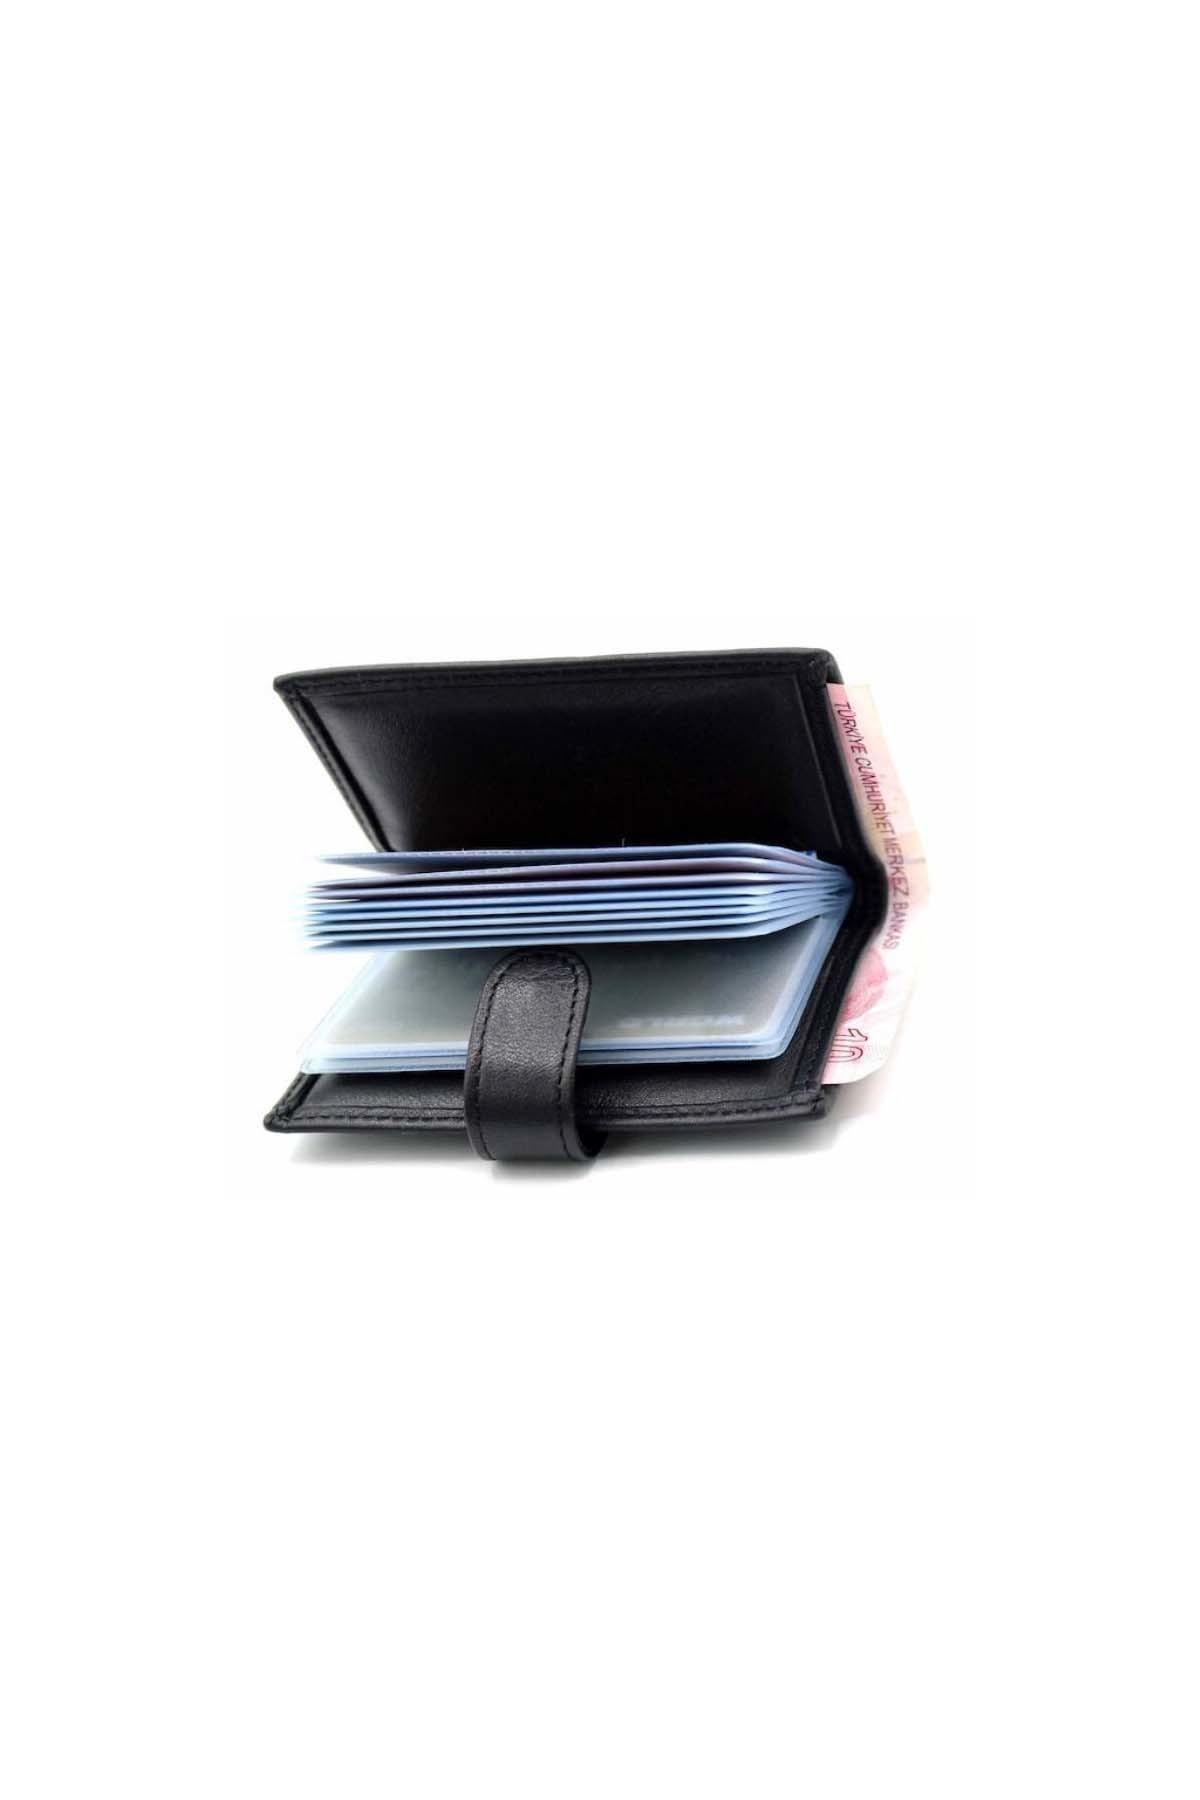 WEST POLO CÜZDAN Erkek Kahverengi Orjinal Deri Patlı Kağıt Para Gözlü Şeffaf Kartlık Wp3068 1